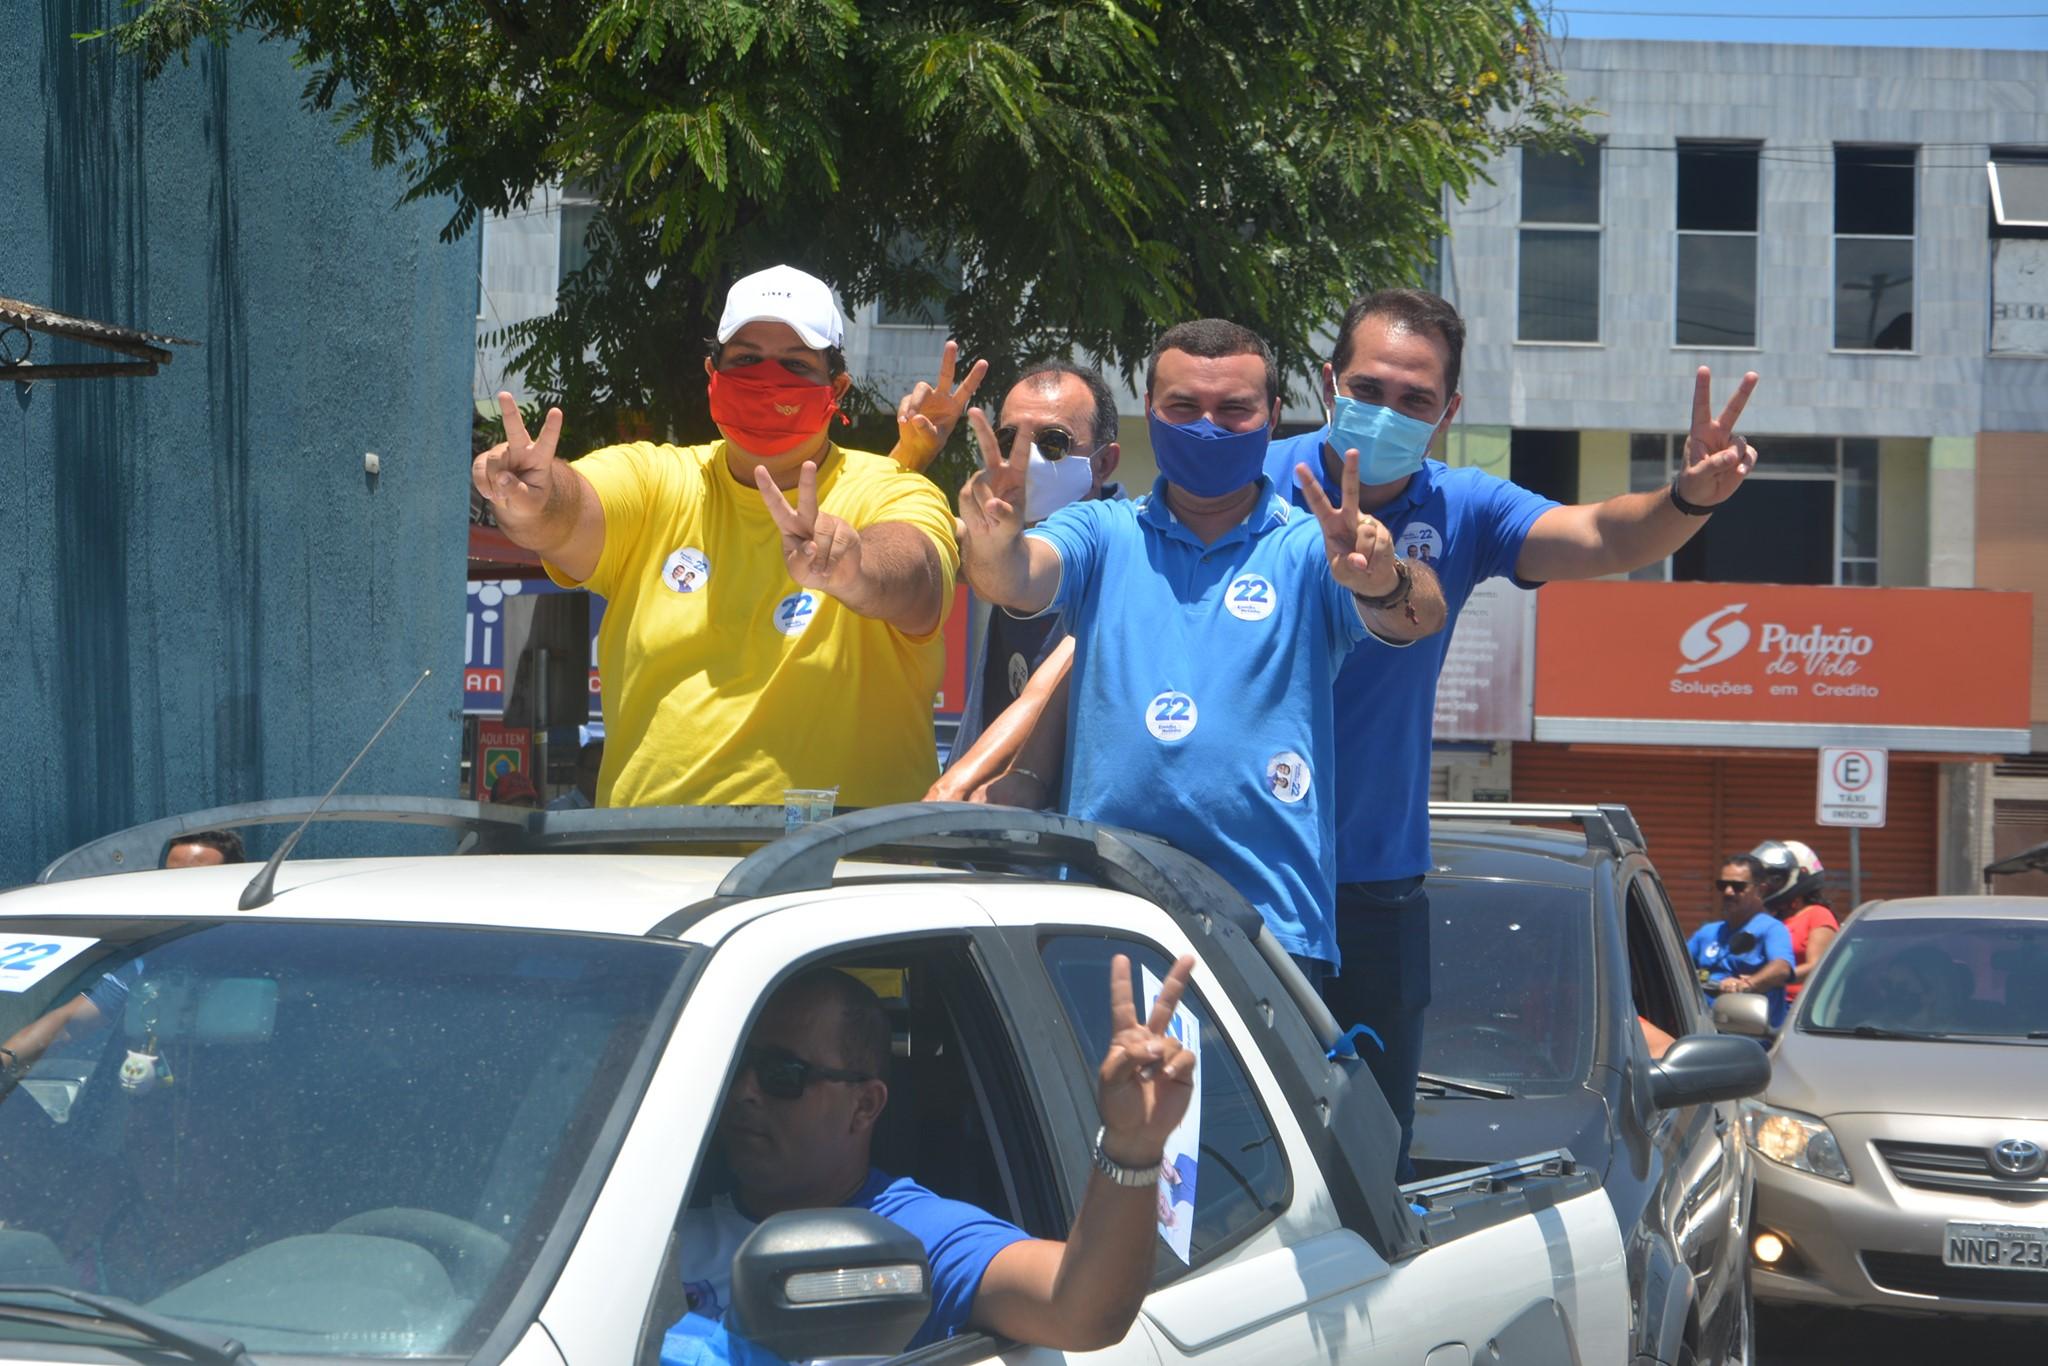 Candidato a prefeito Emídio Jr. inicia campanha com adesivação de carros e carreata - Macaíba no ArMacaíba no Ar